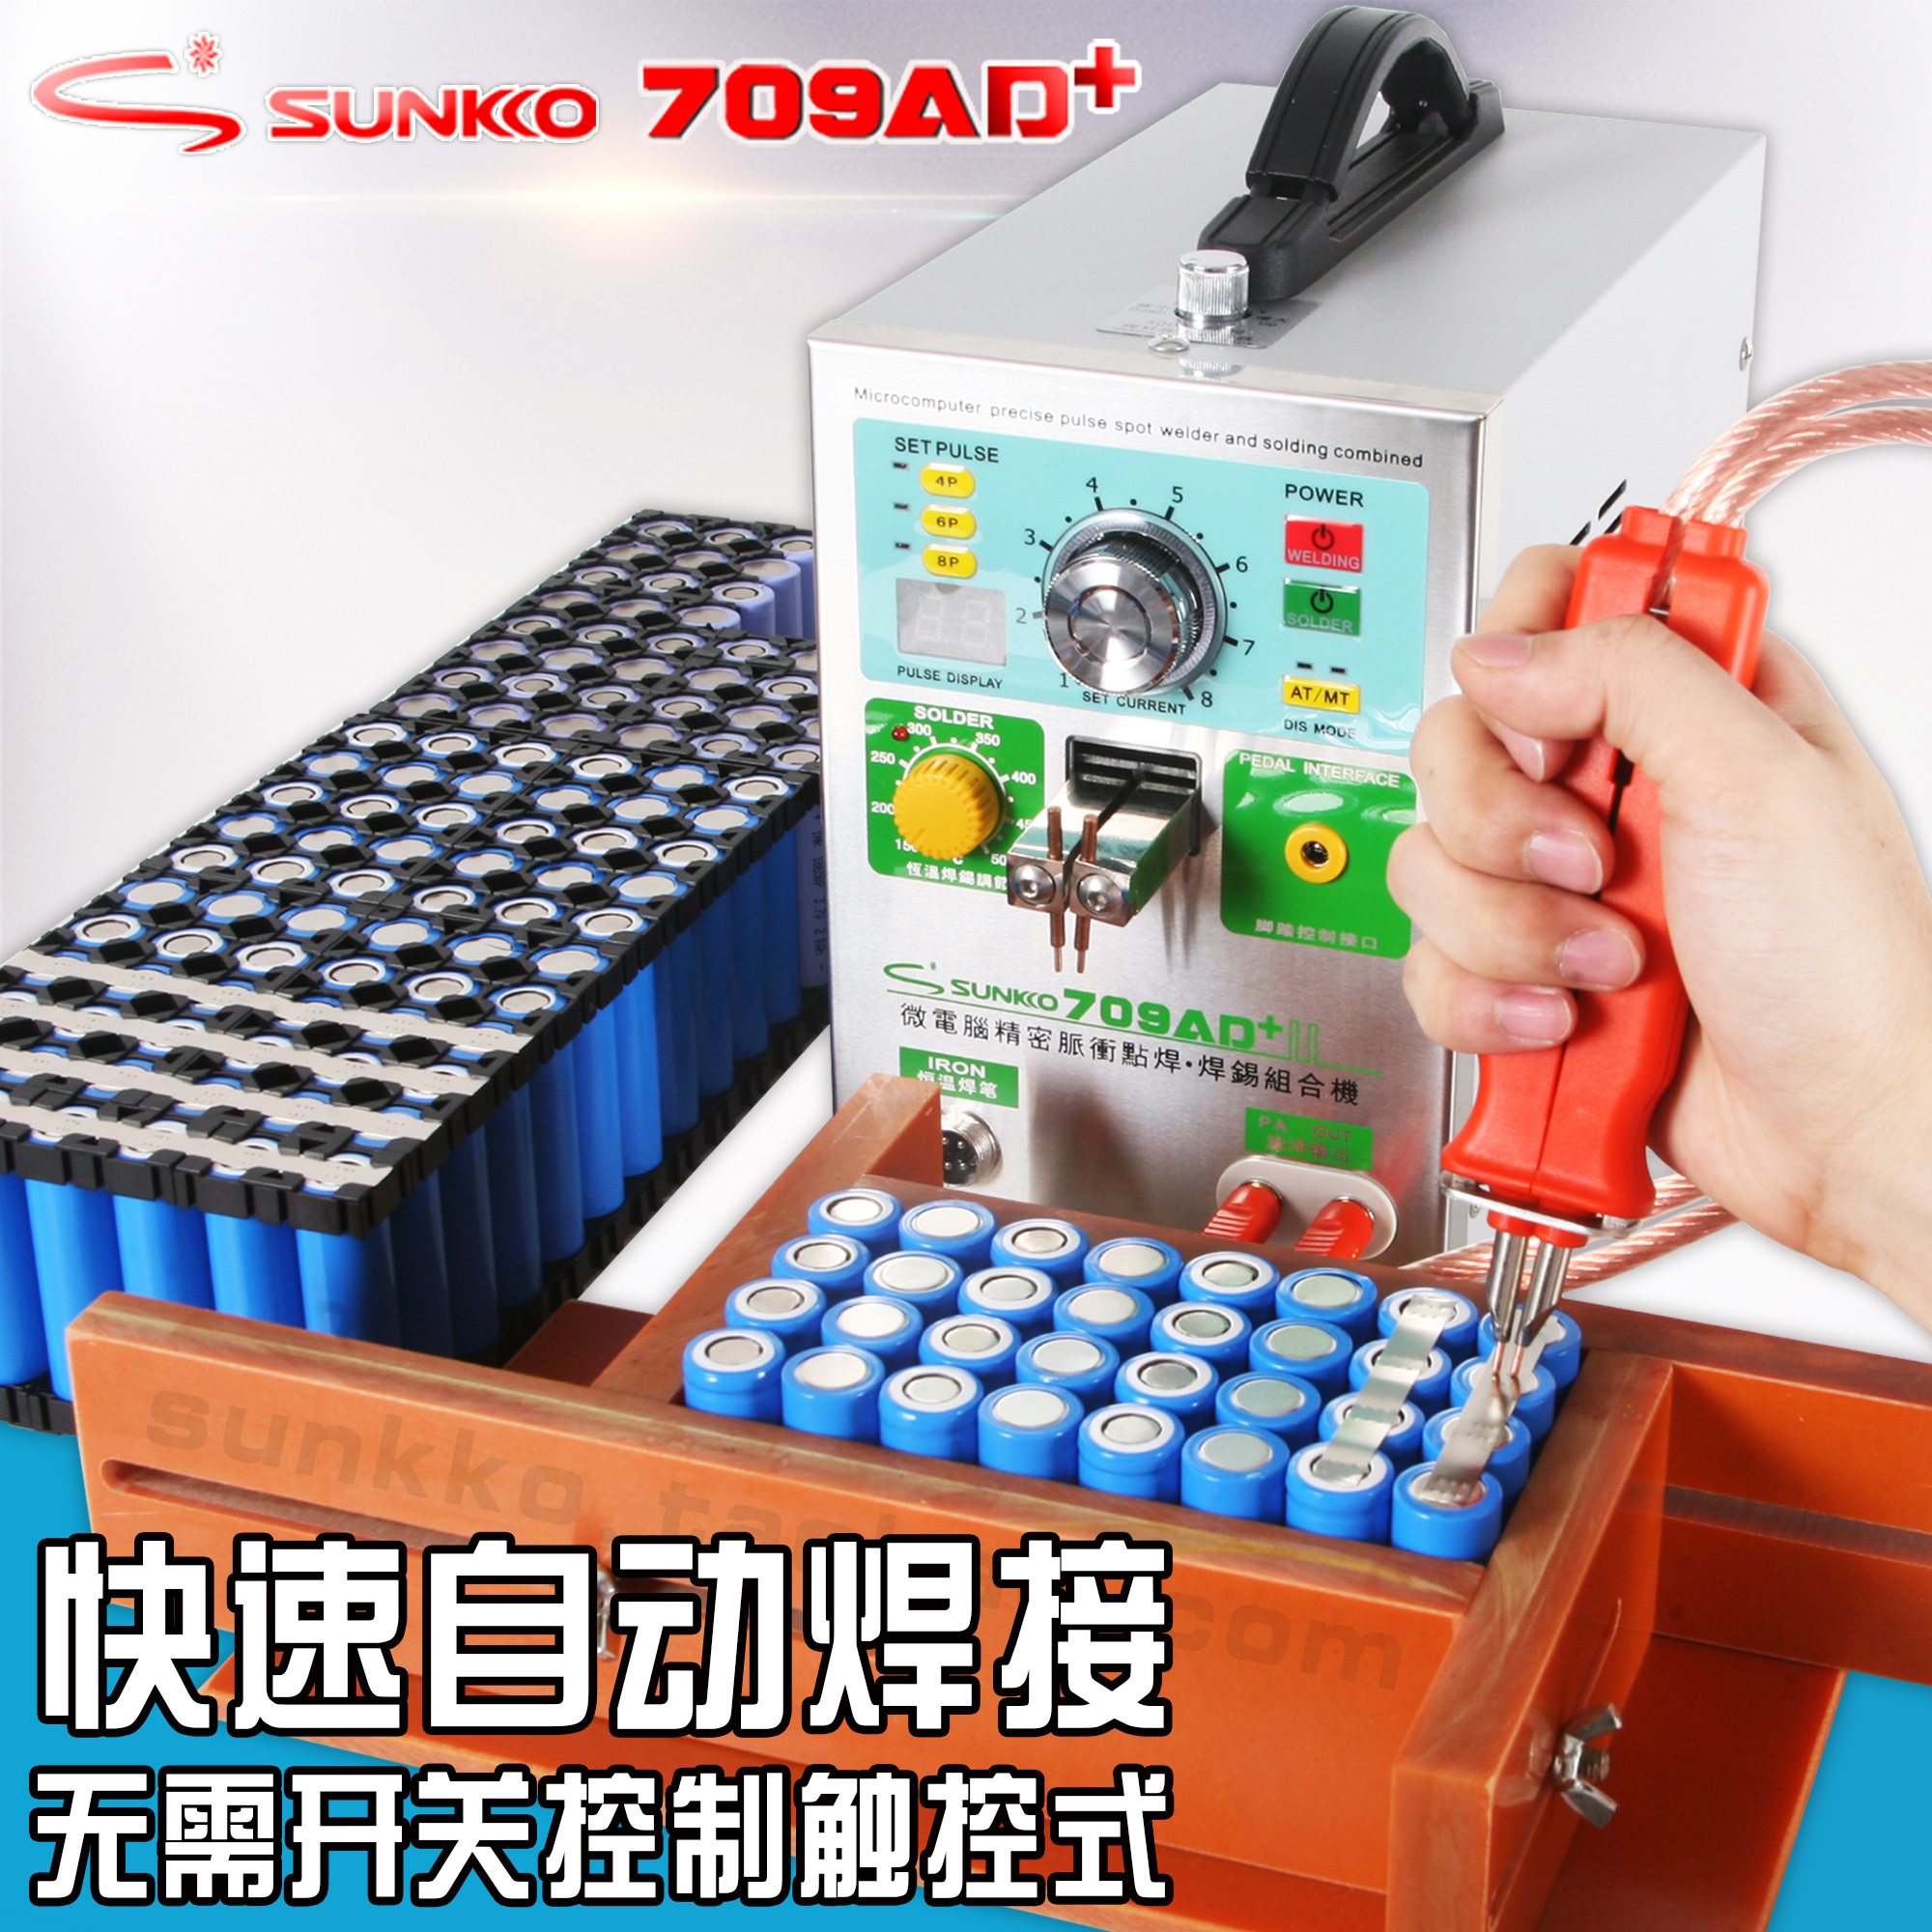 SUNKKO709AD+电池点焊机手持式小型18650锂电池